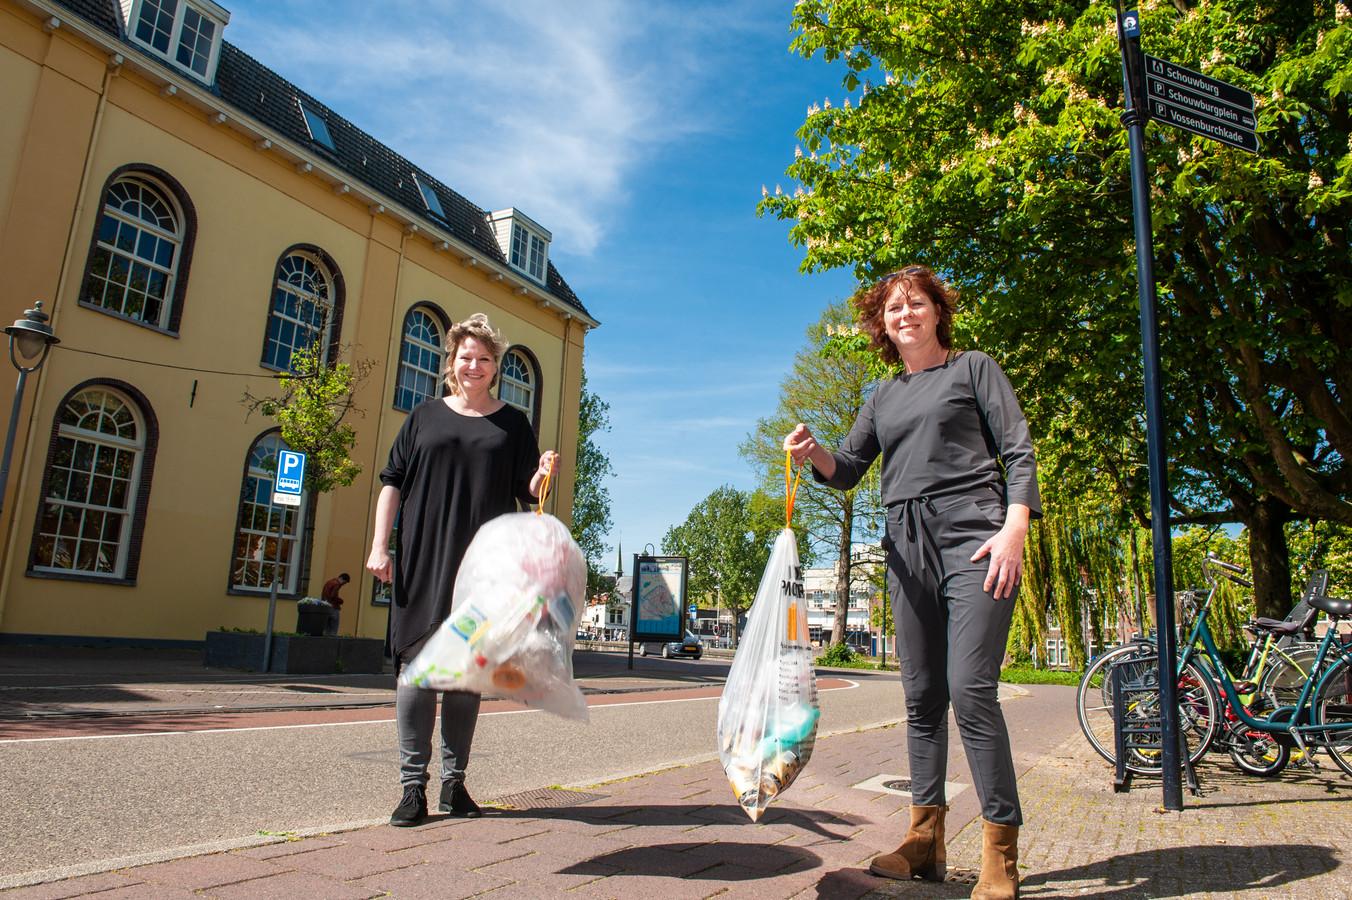 Goudse ondernemers Femke van Munster van de Cheese Experience en Denise van Gastel van de Bokkesprong, ook wel Buuf & Buuf.